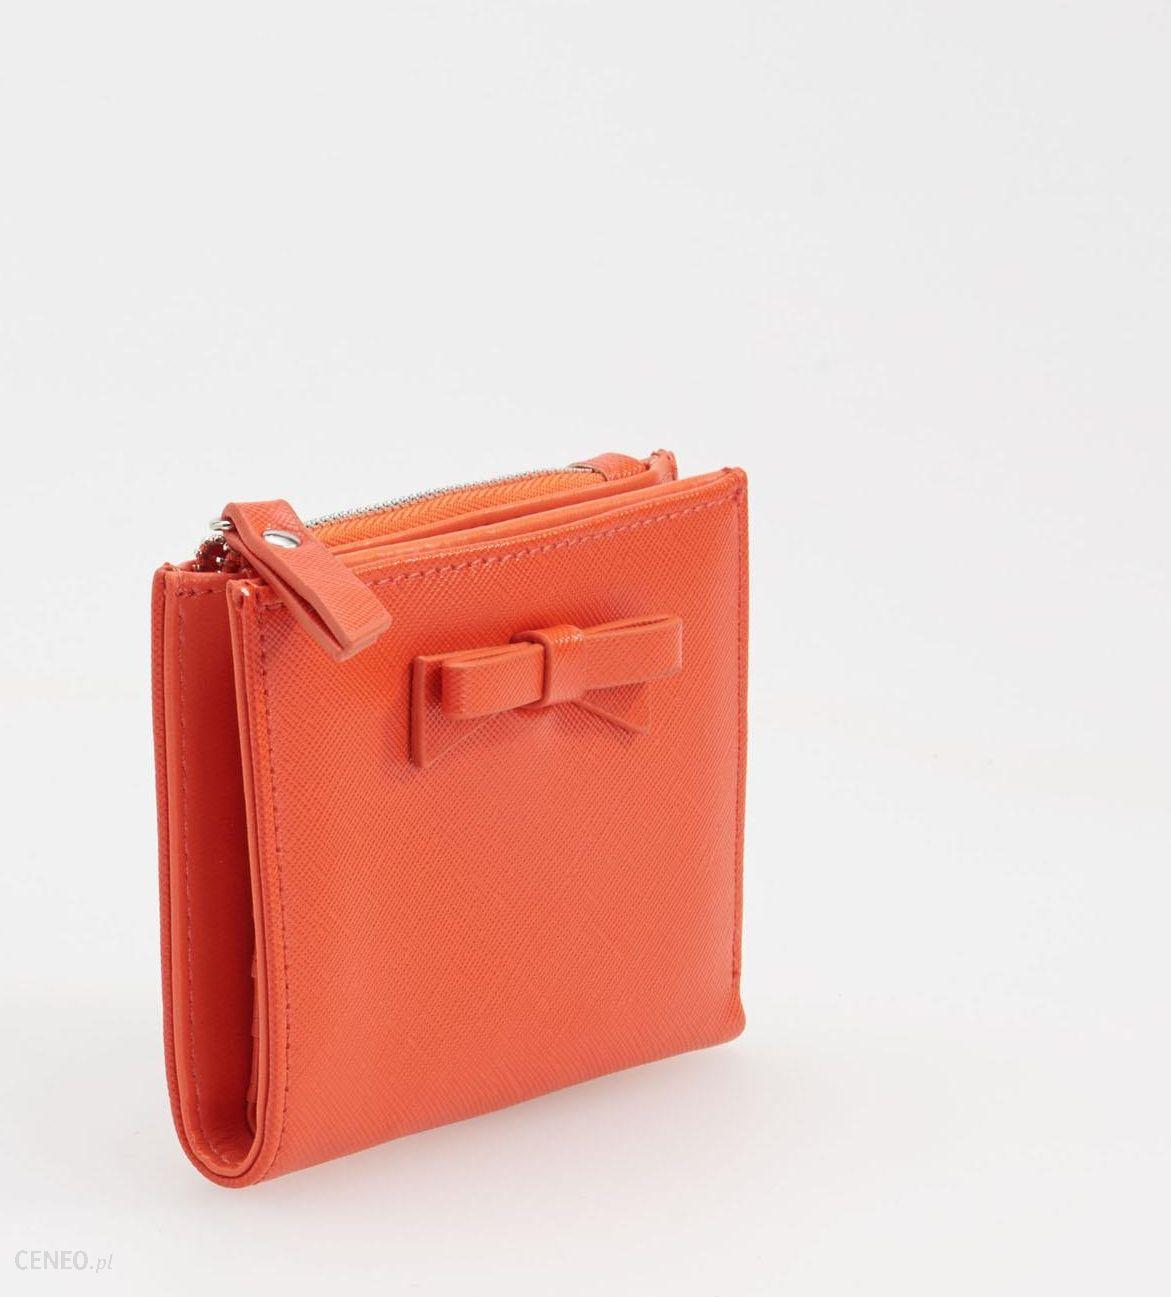 6215408d7e960 Reserved - Mały portfel z kokardką - Czerwony - damski - Ceny i ...